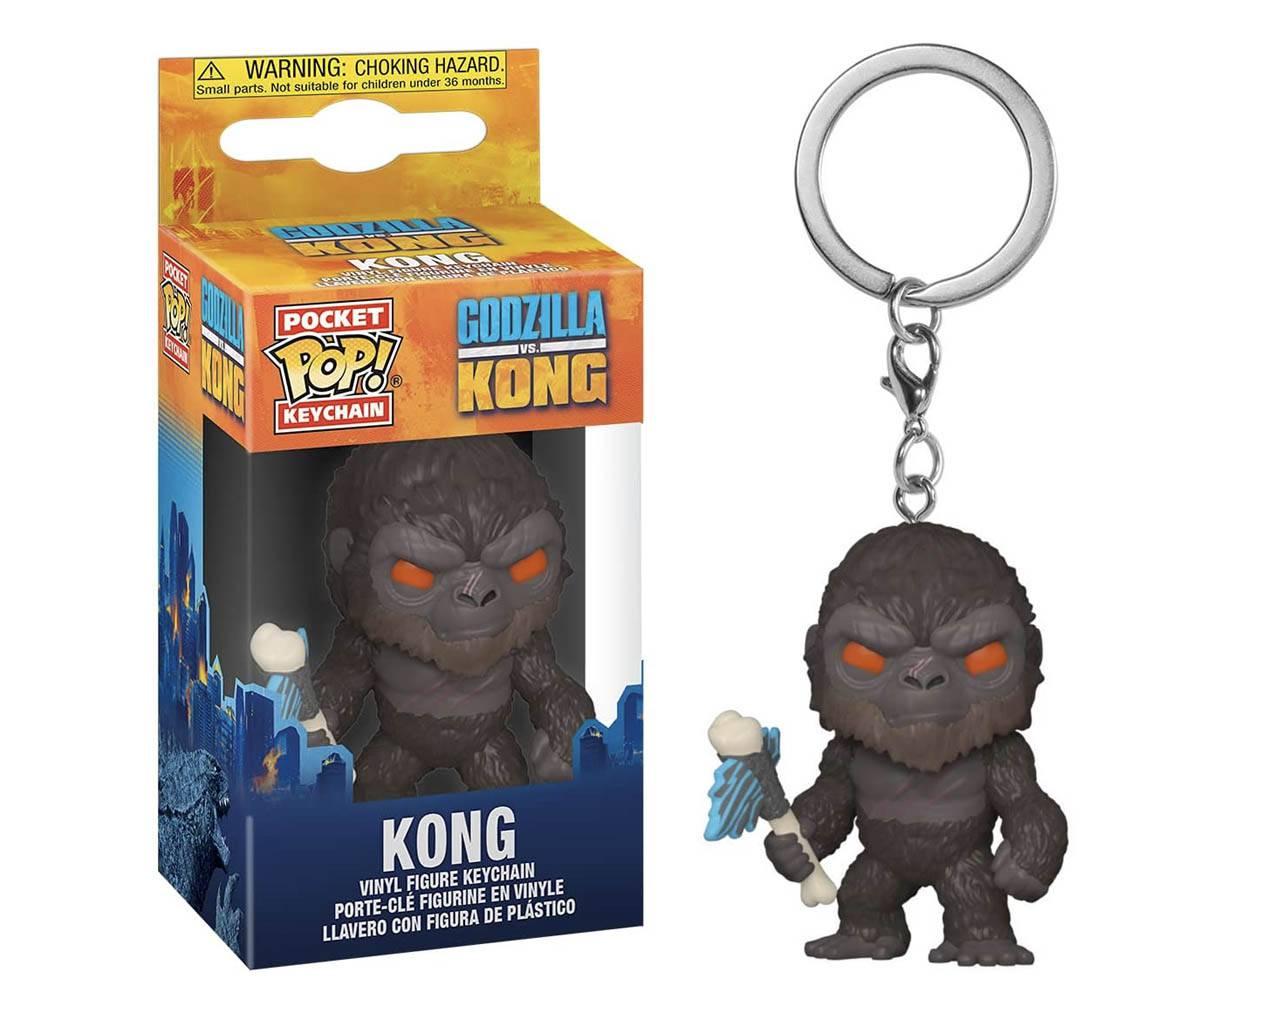 Kong (Llavero) Pop! Vinyl